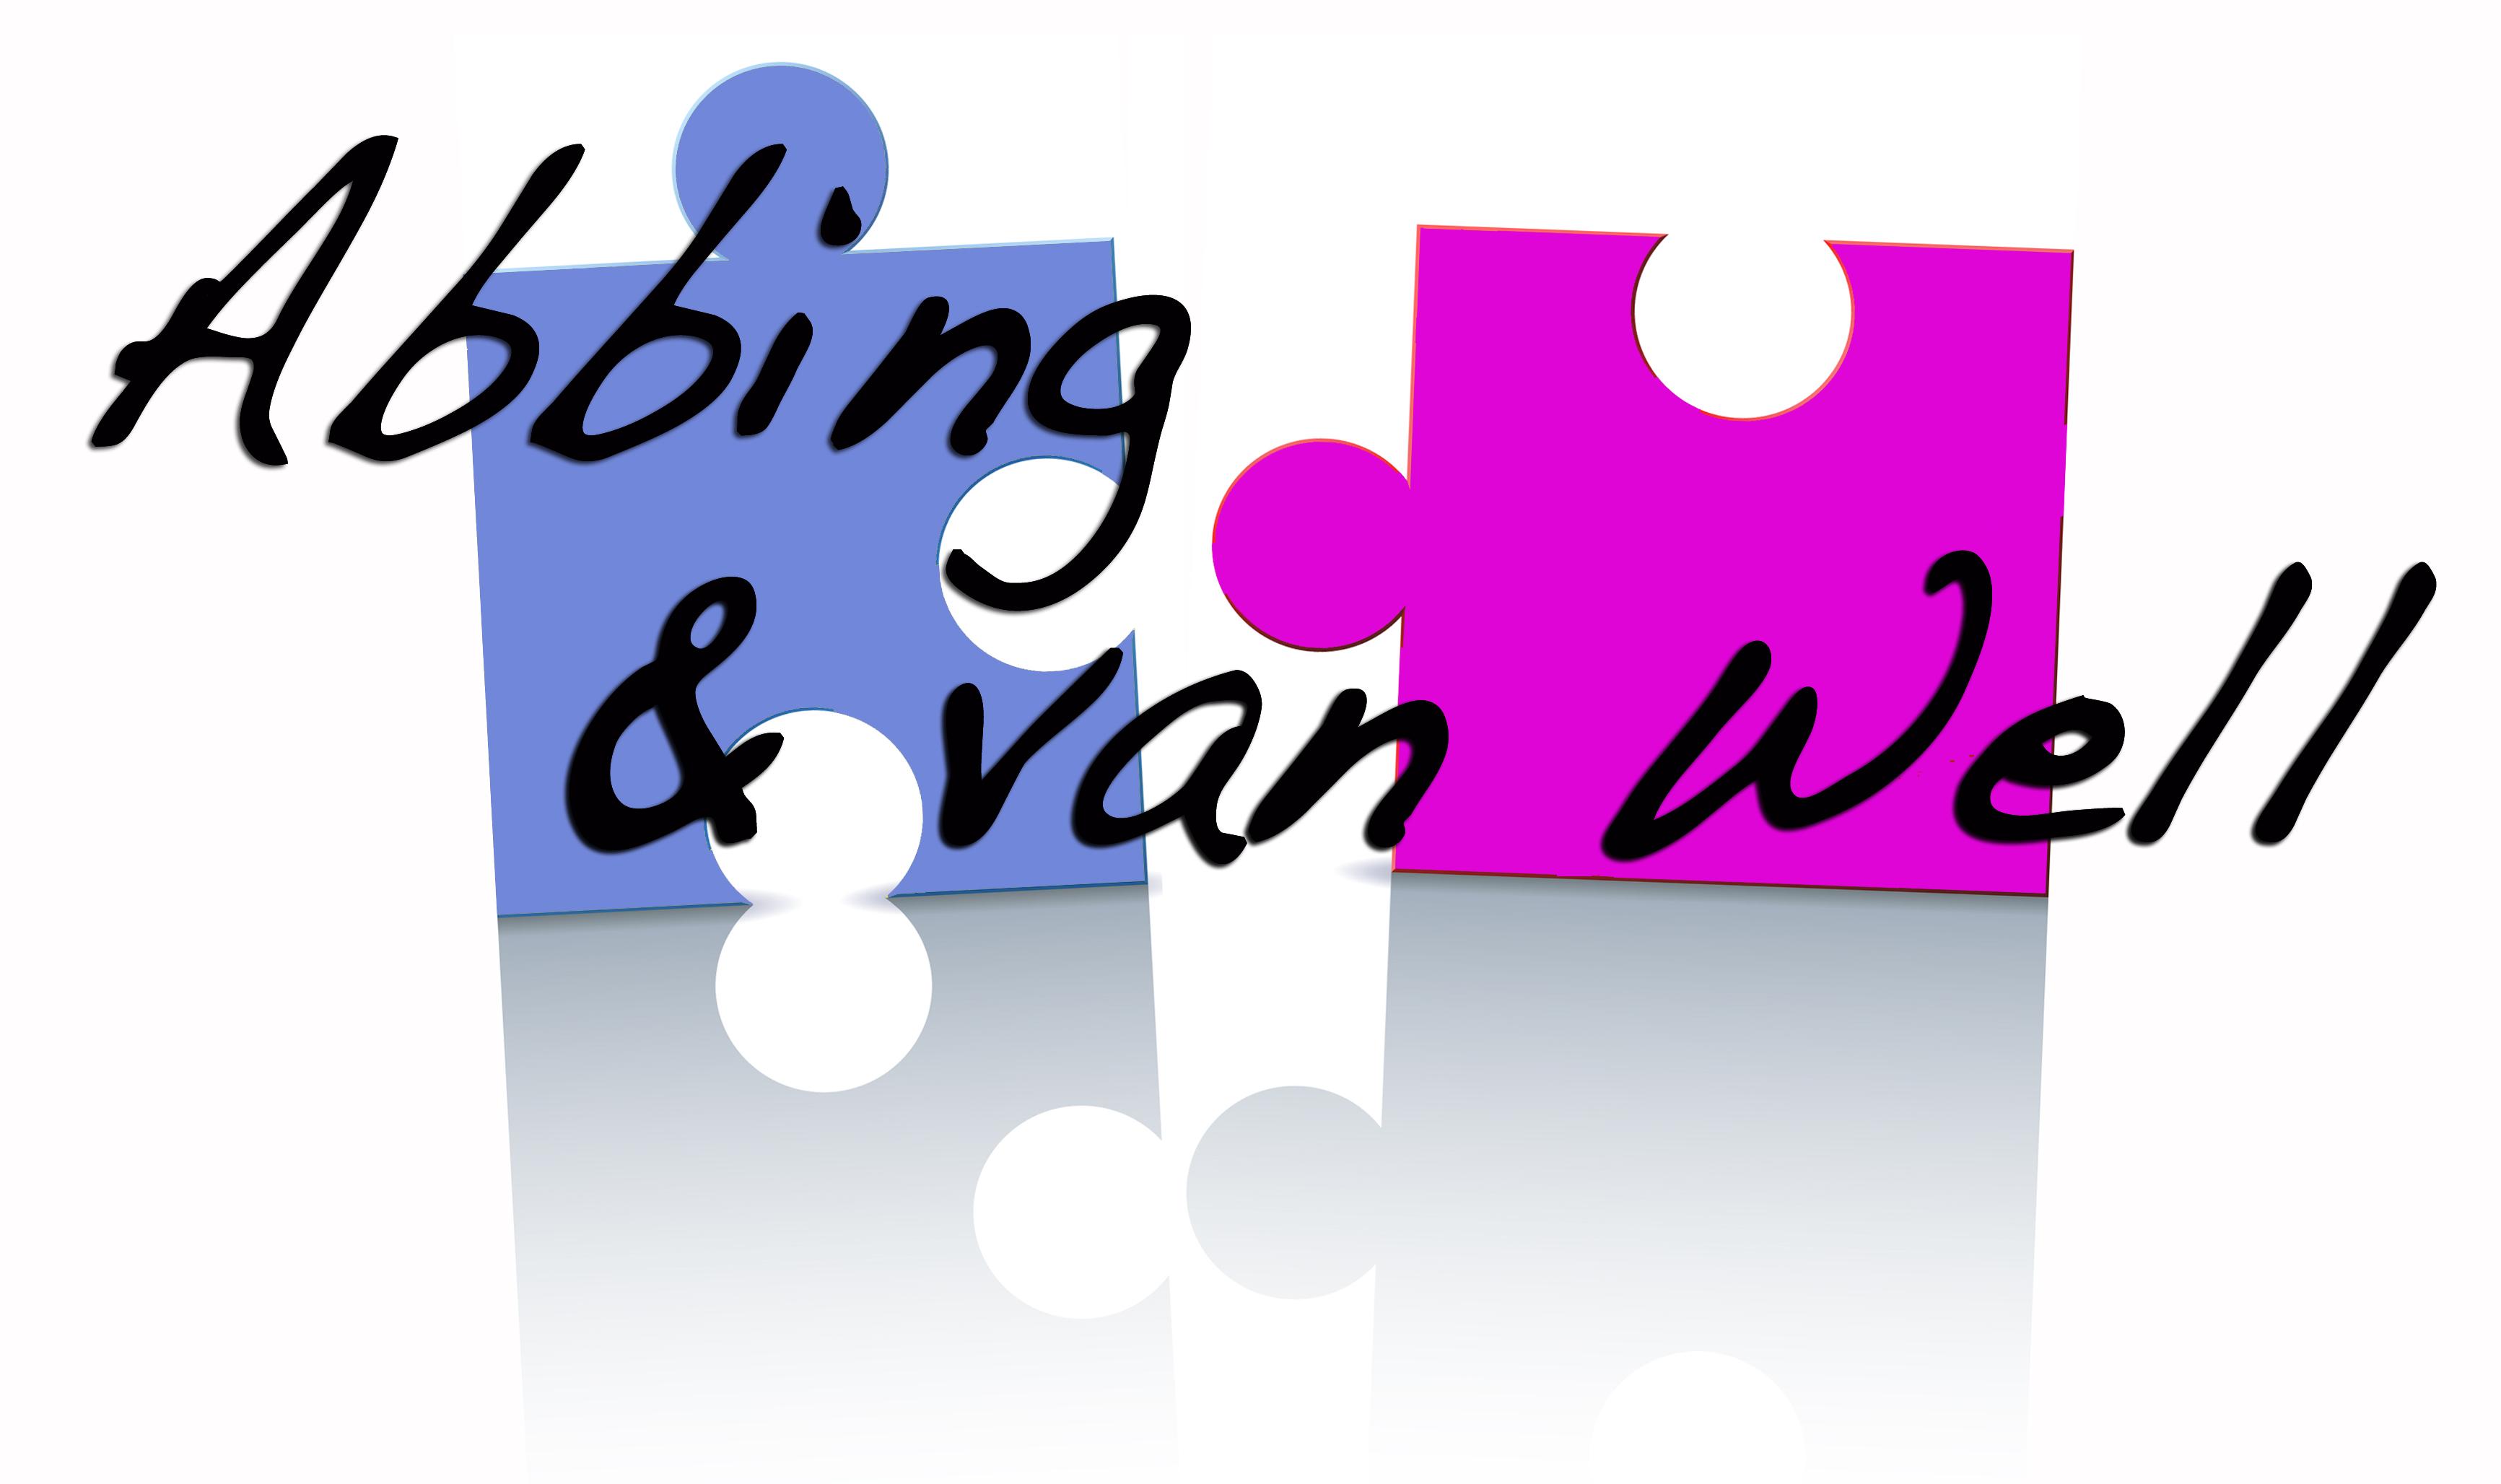 Abbing en van Well